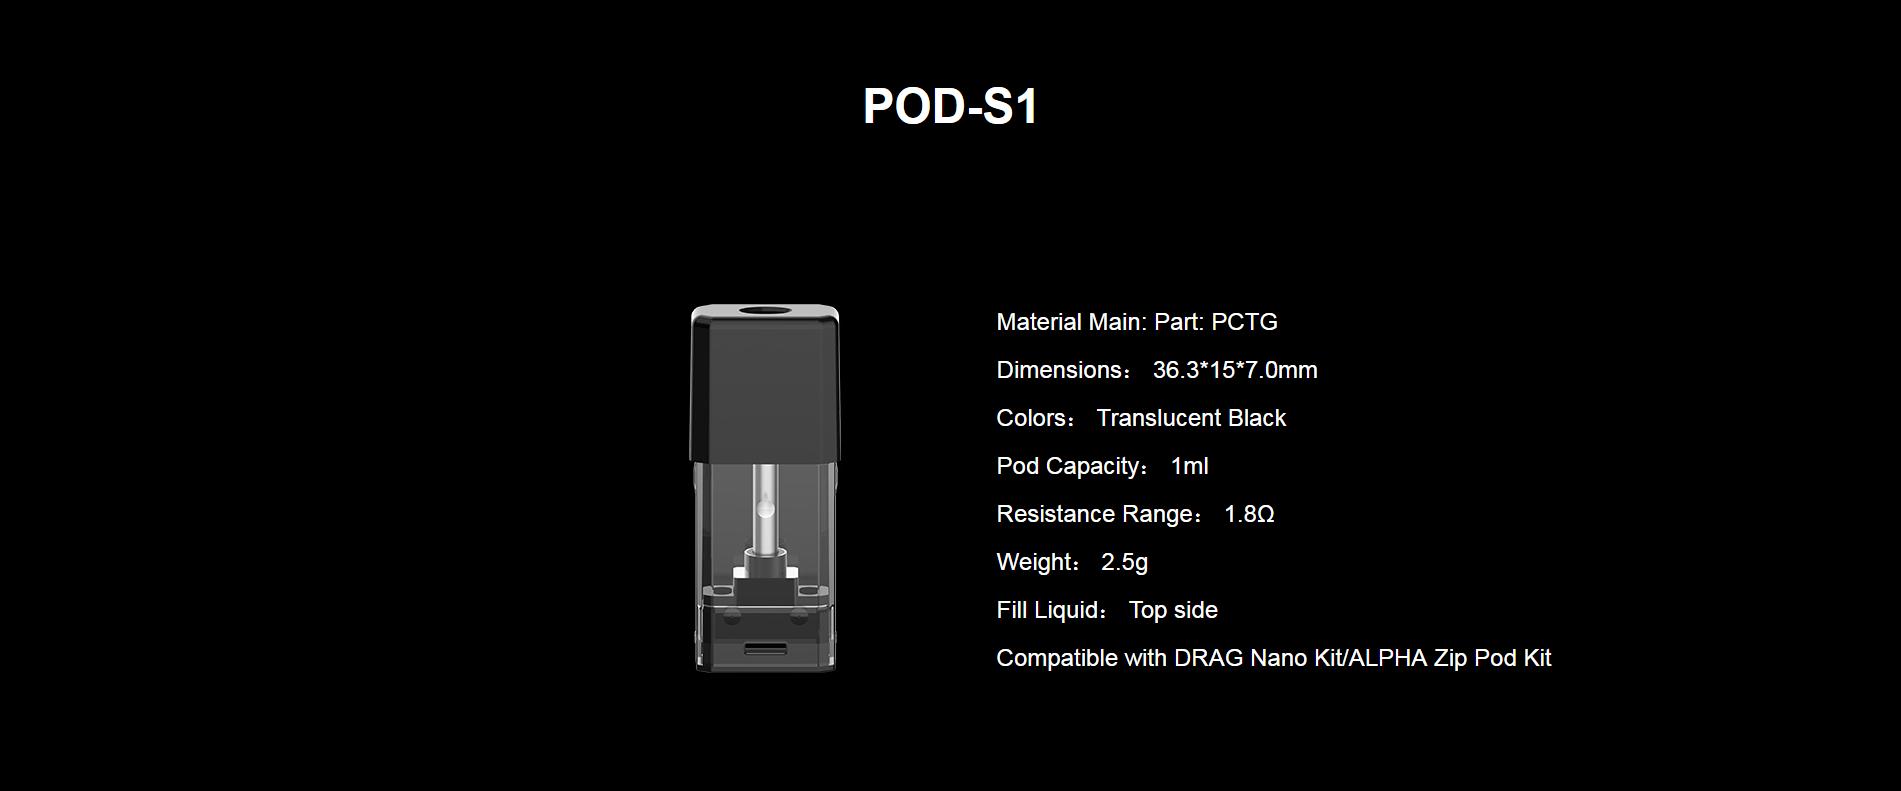 DRAG Nano POD-S1